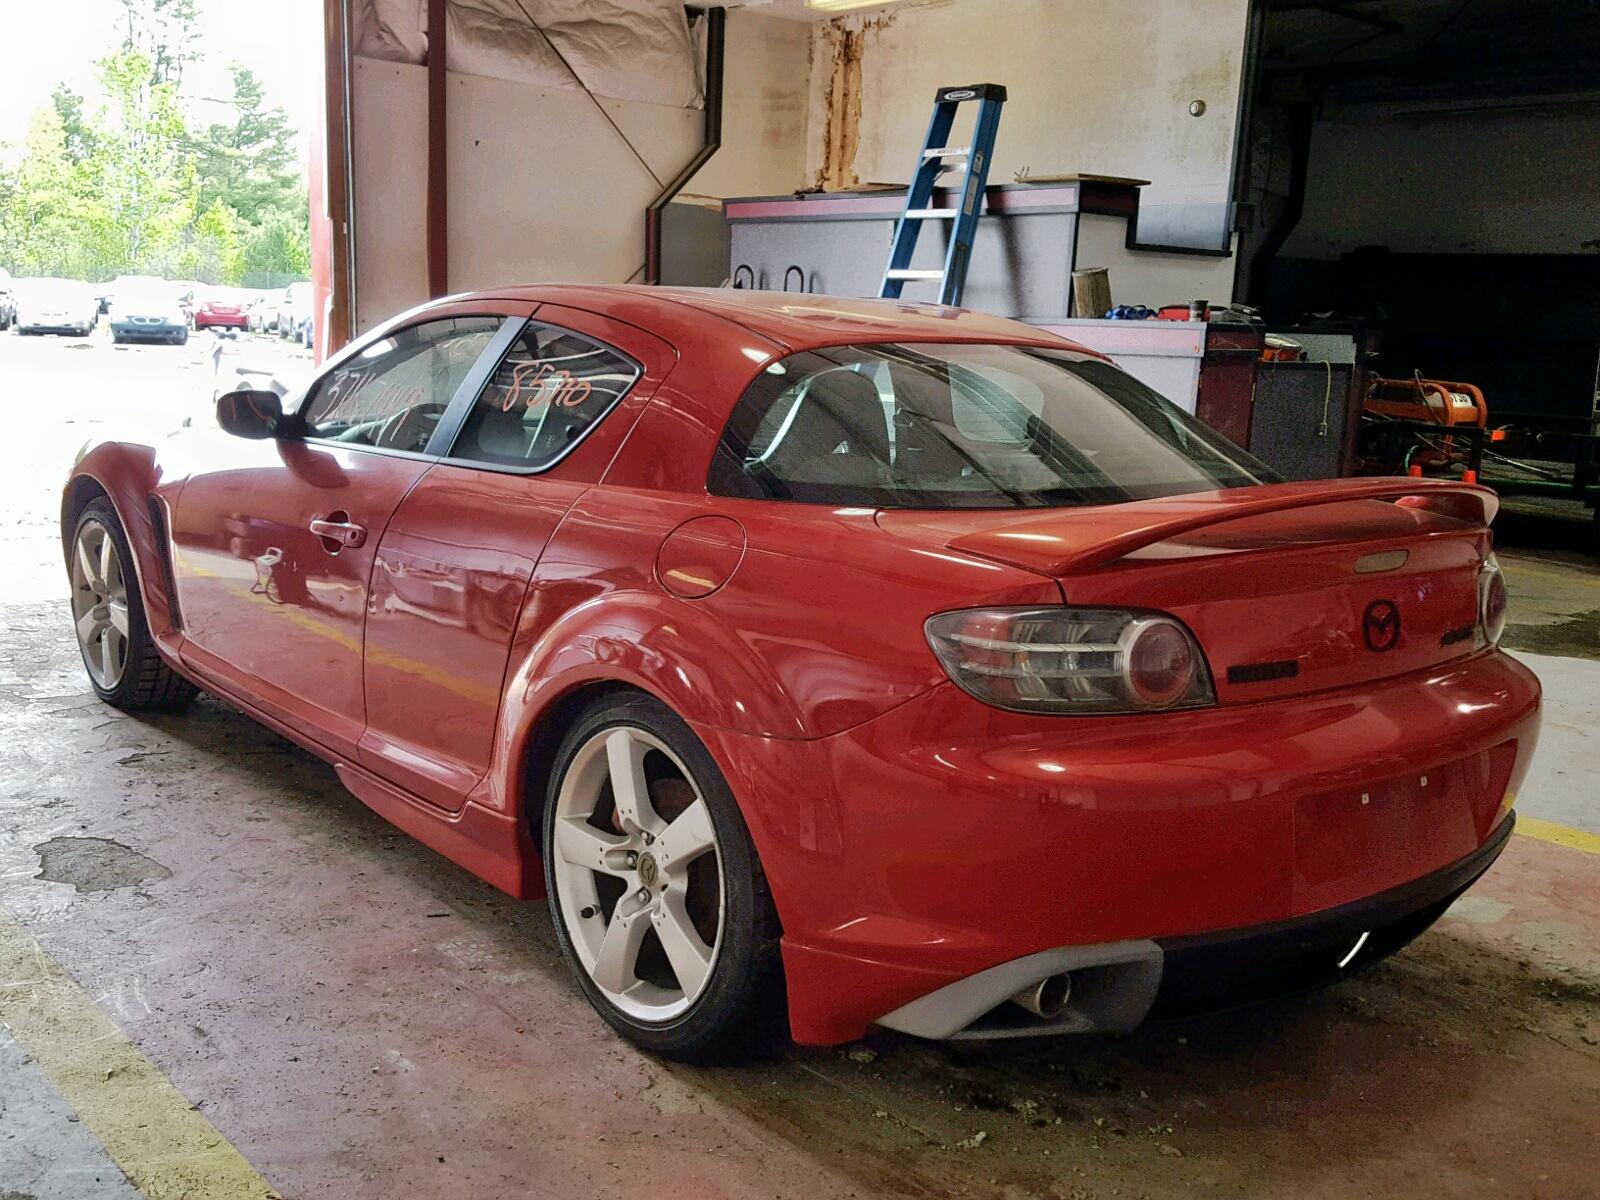 JM1FE173550158875 - 2005 Mazda Rx8 1.3L [Angle] View